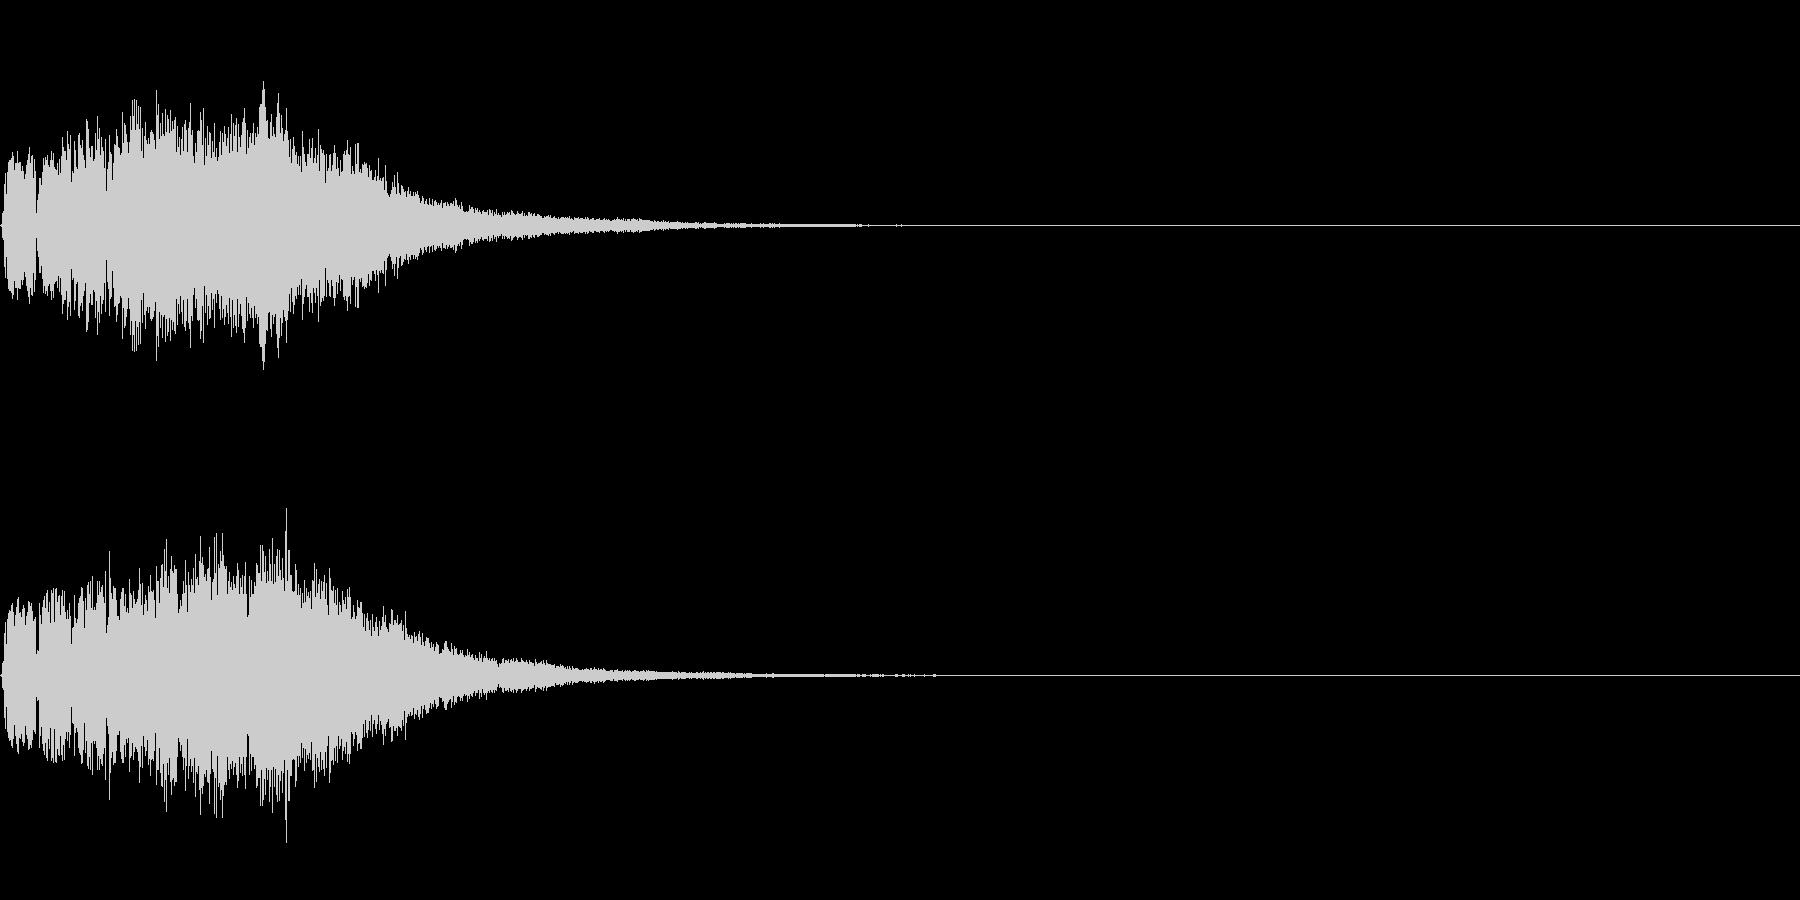 ベル 01(キラキラキラン)の未再生の波形